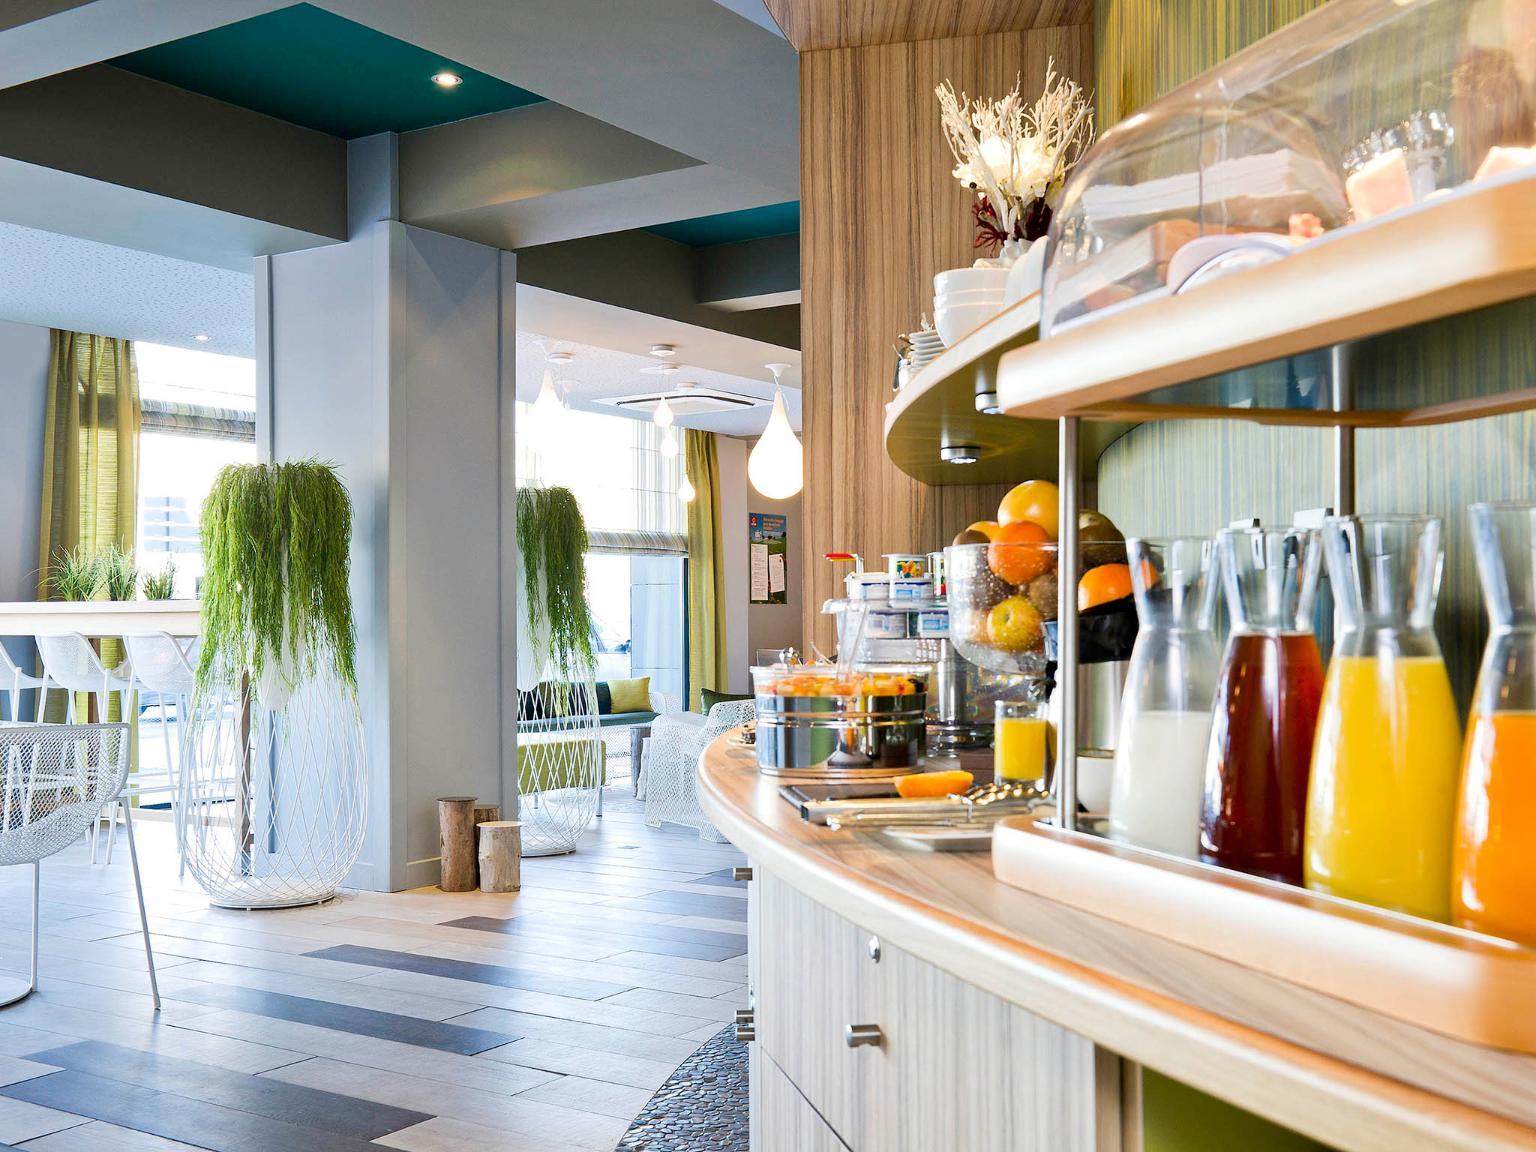 aparthotel adagio caen centre h tel 1 quai eugene meslin 14000 caen adresse horaire. Black Bedroom Furniture Sets. Home Design Ideas